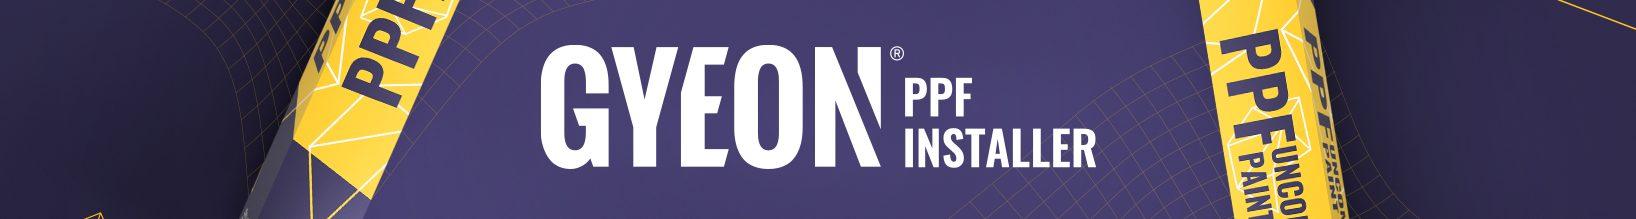 PPF Installer - GYEON